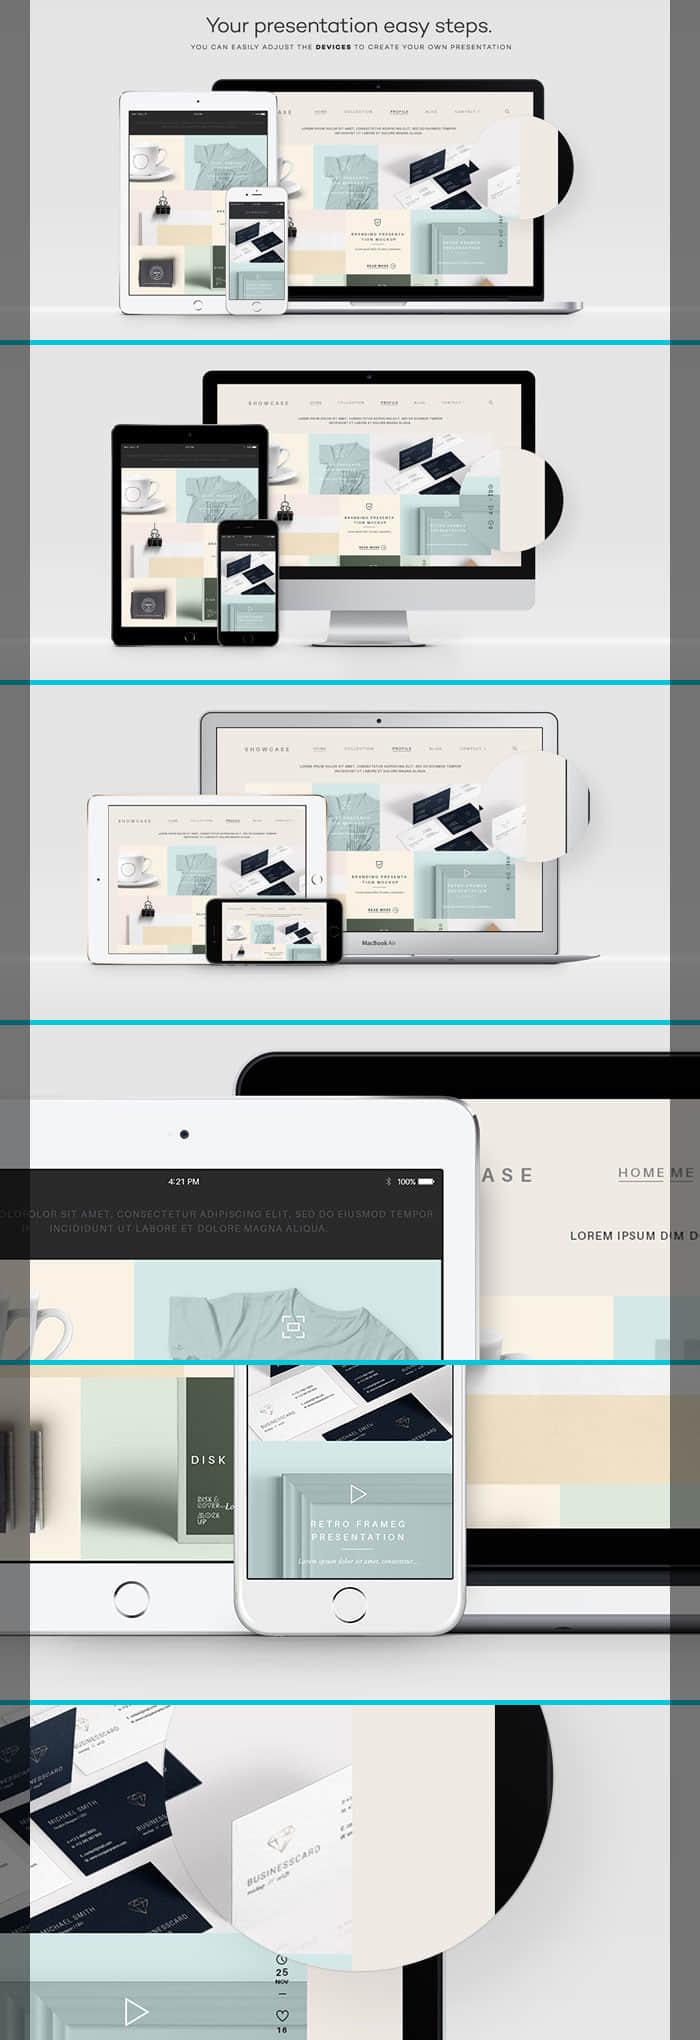 漂亮的图片、照片展示自适应风格的PSD网站模版下载